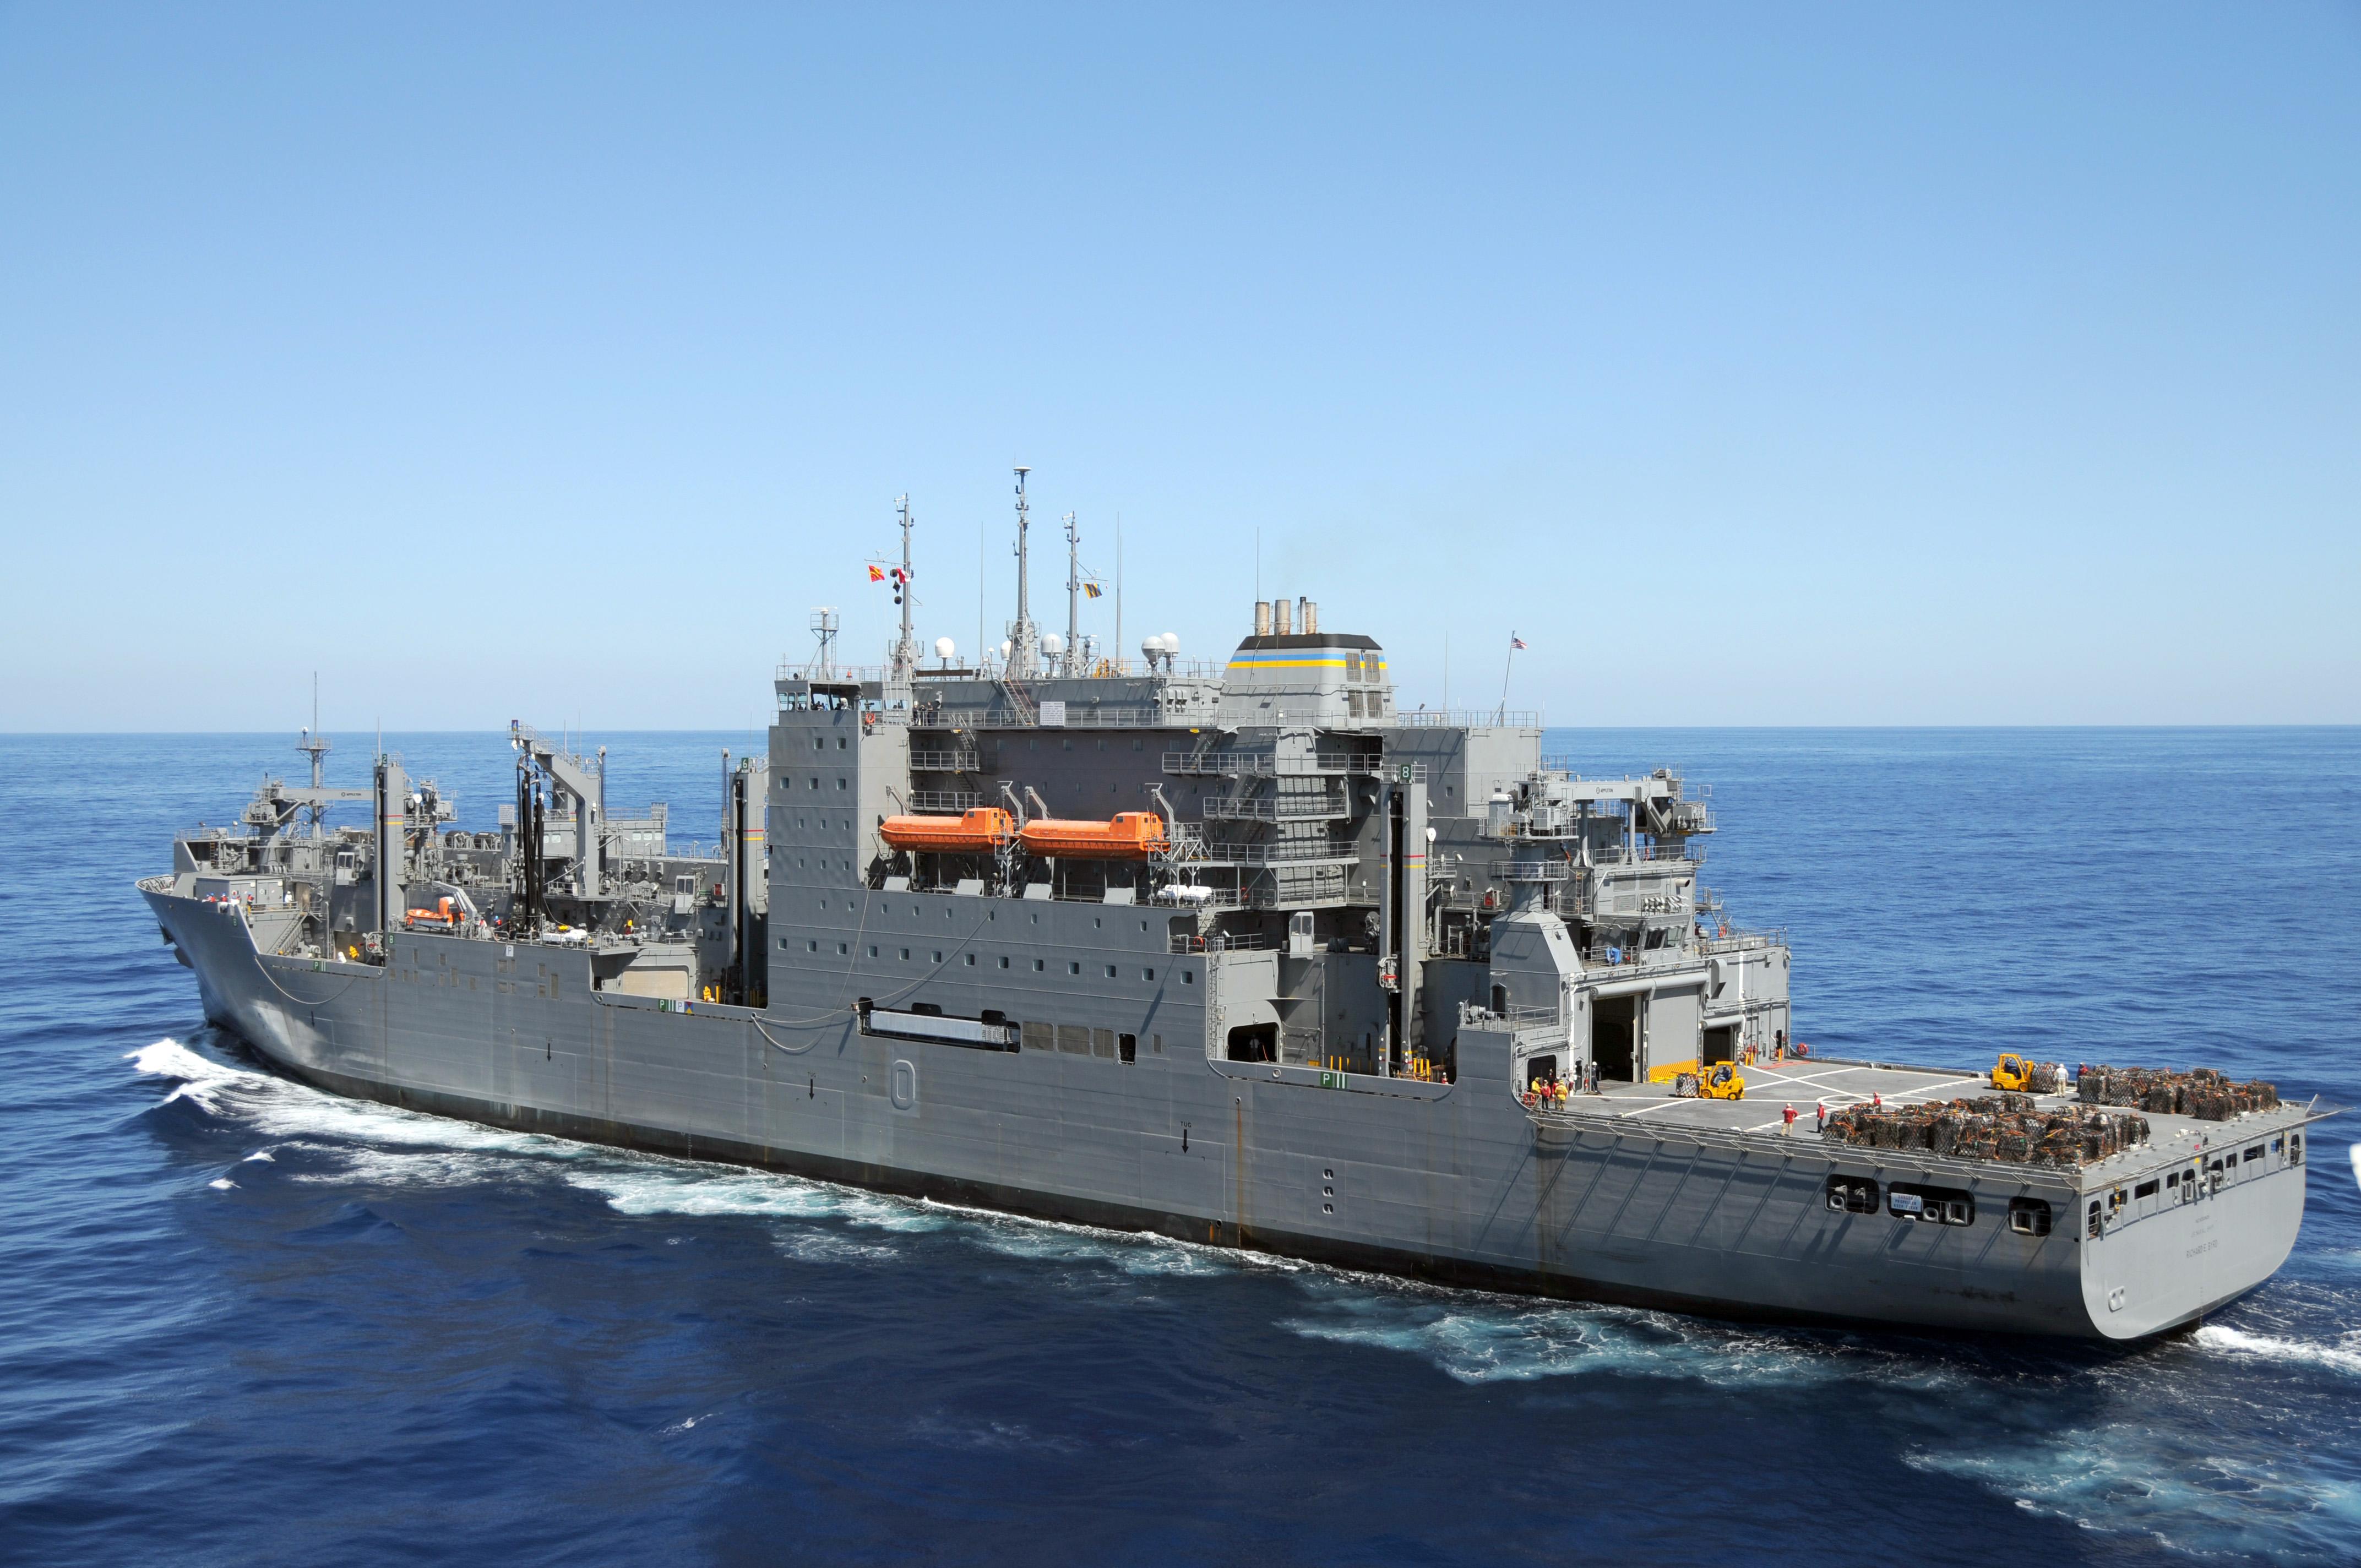 USNS RICHARD E. BYRD T-AKE 4Bild: U.S. Navy